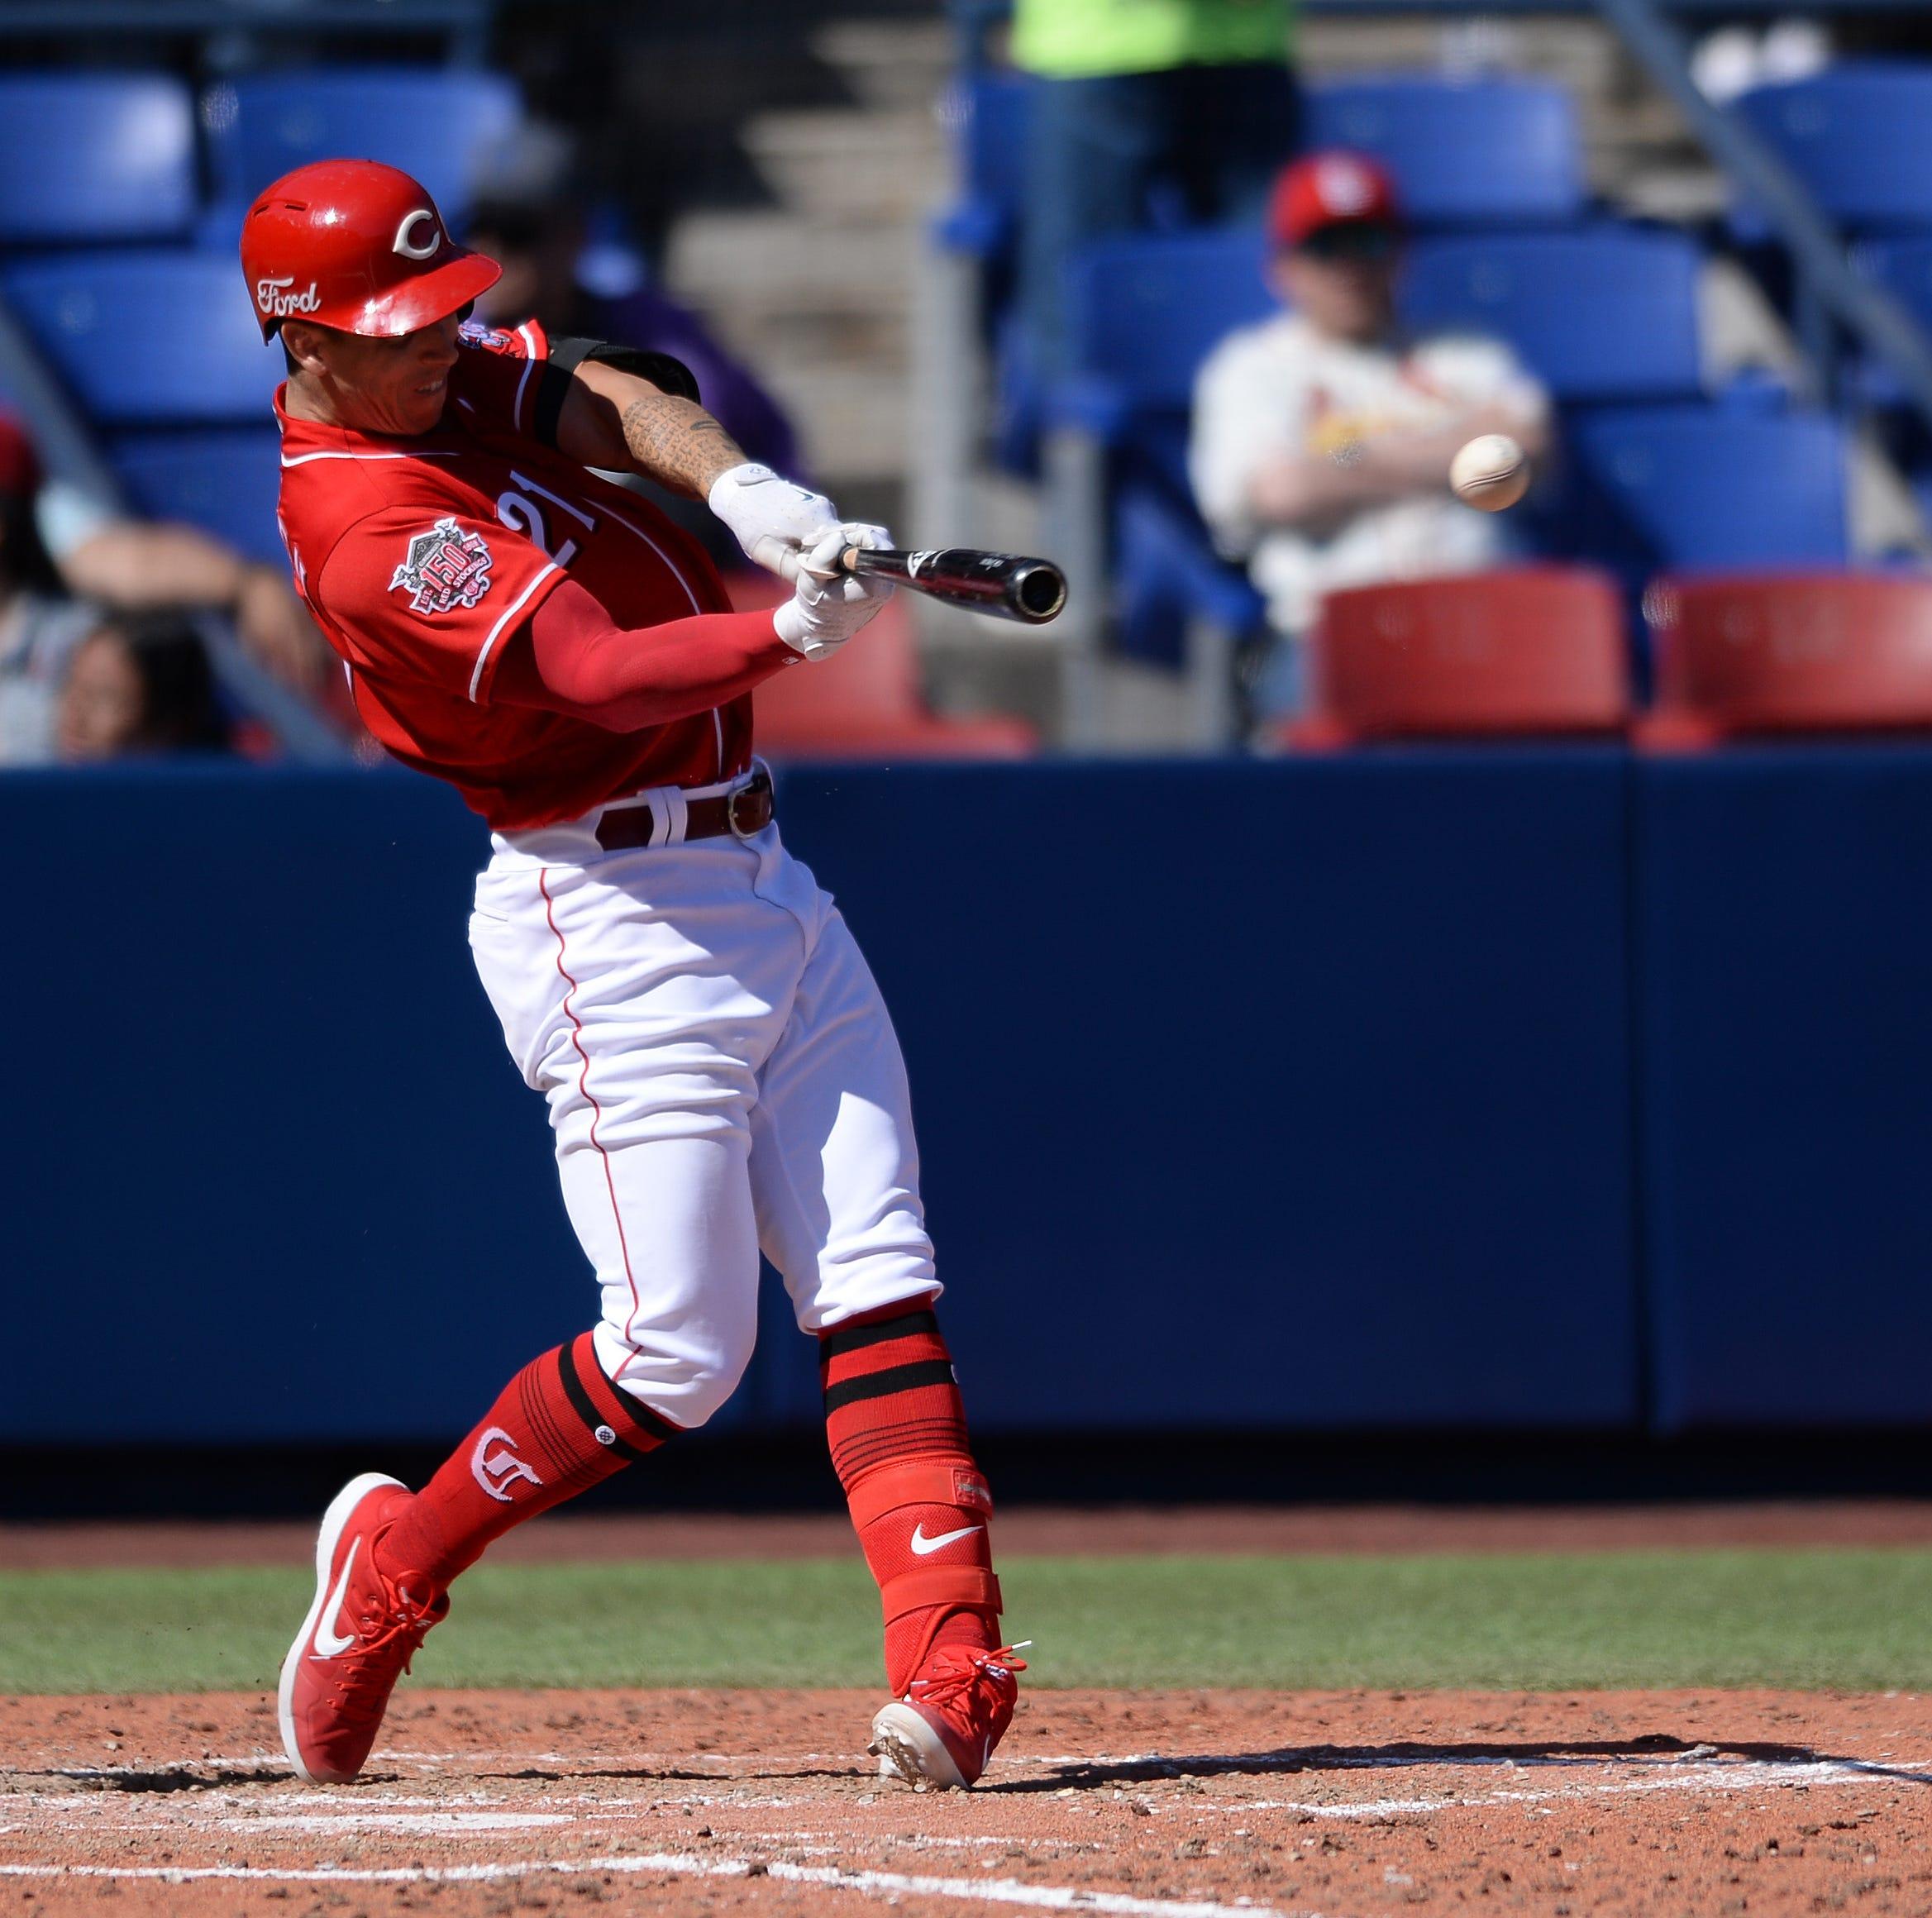 ESPN's Rick Sutcliffe: Michael Lorenzen is Cincinnati Reds' third-best hitter